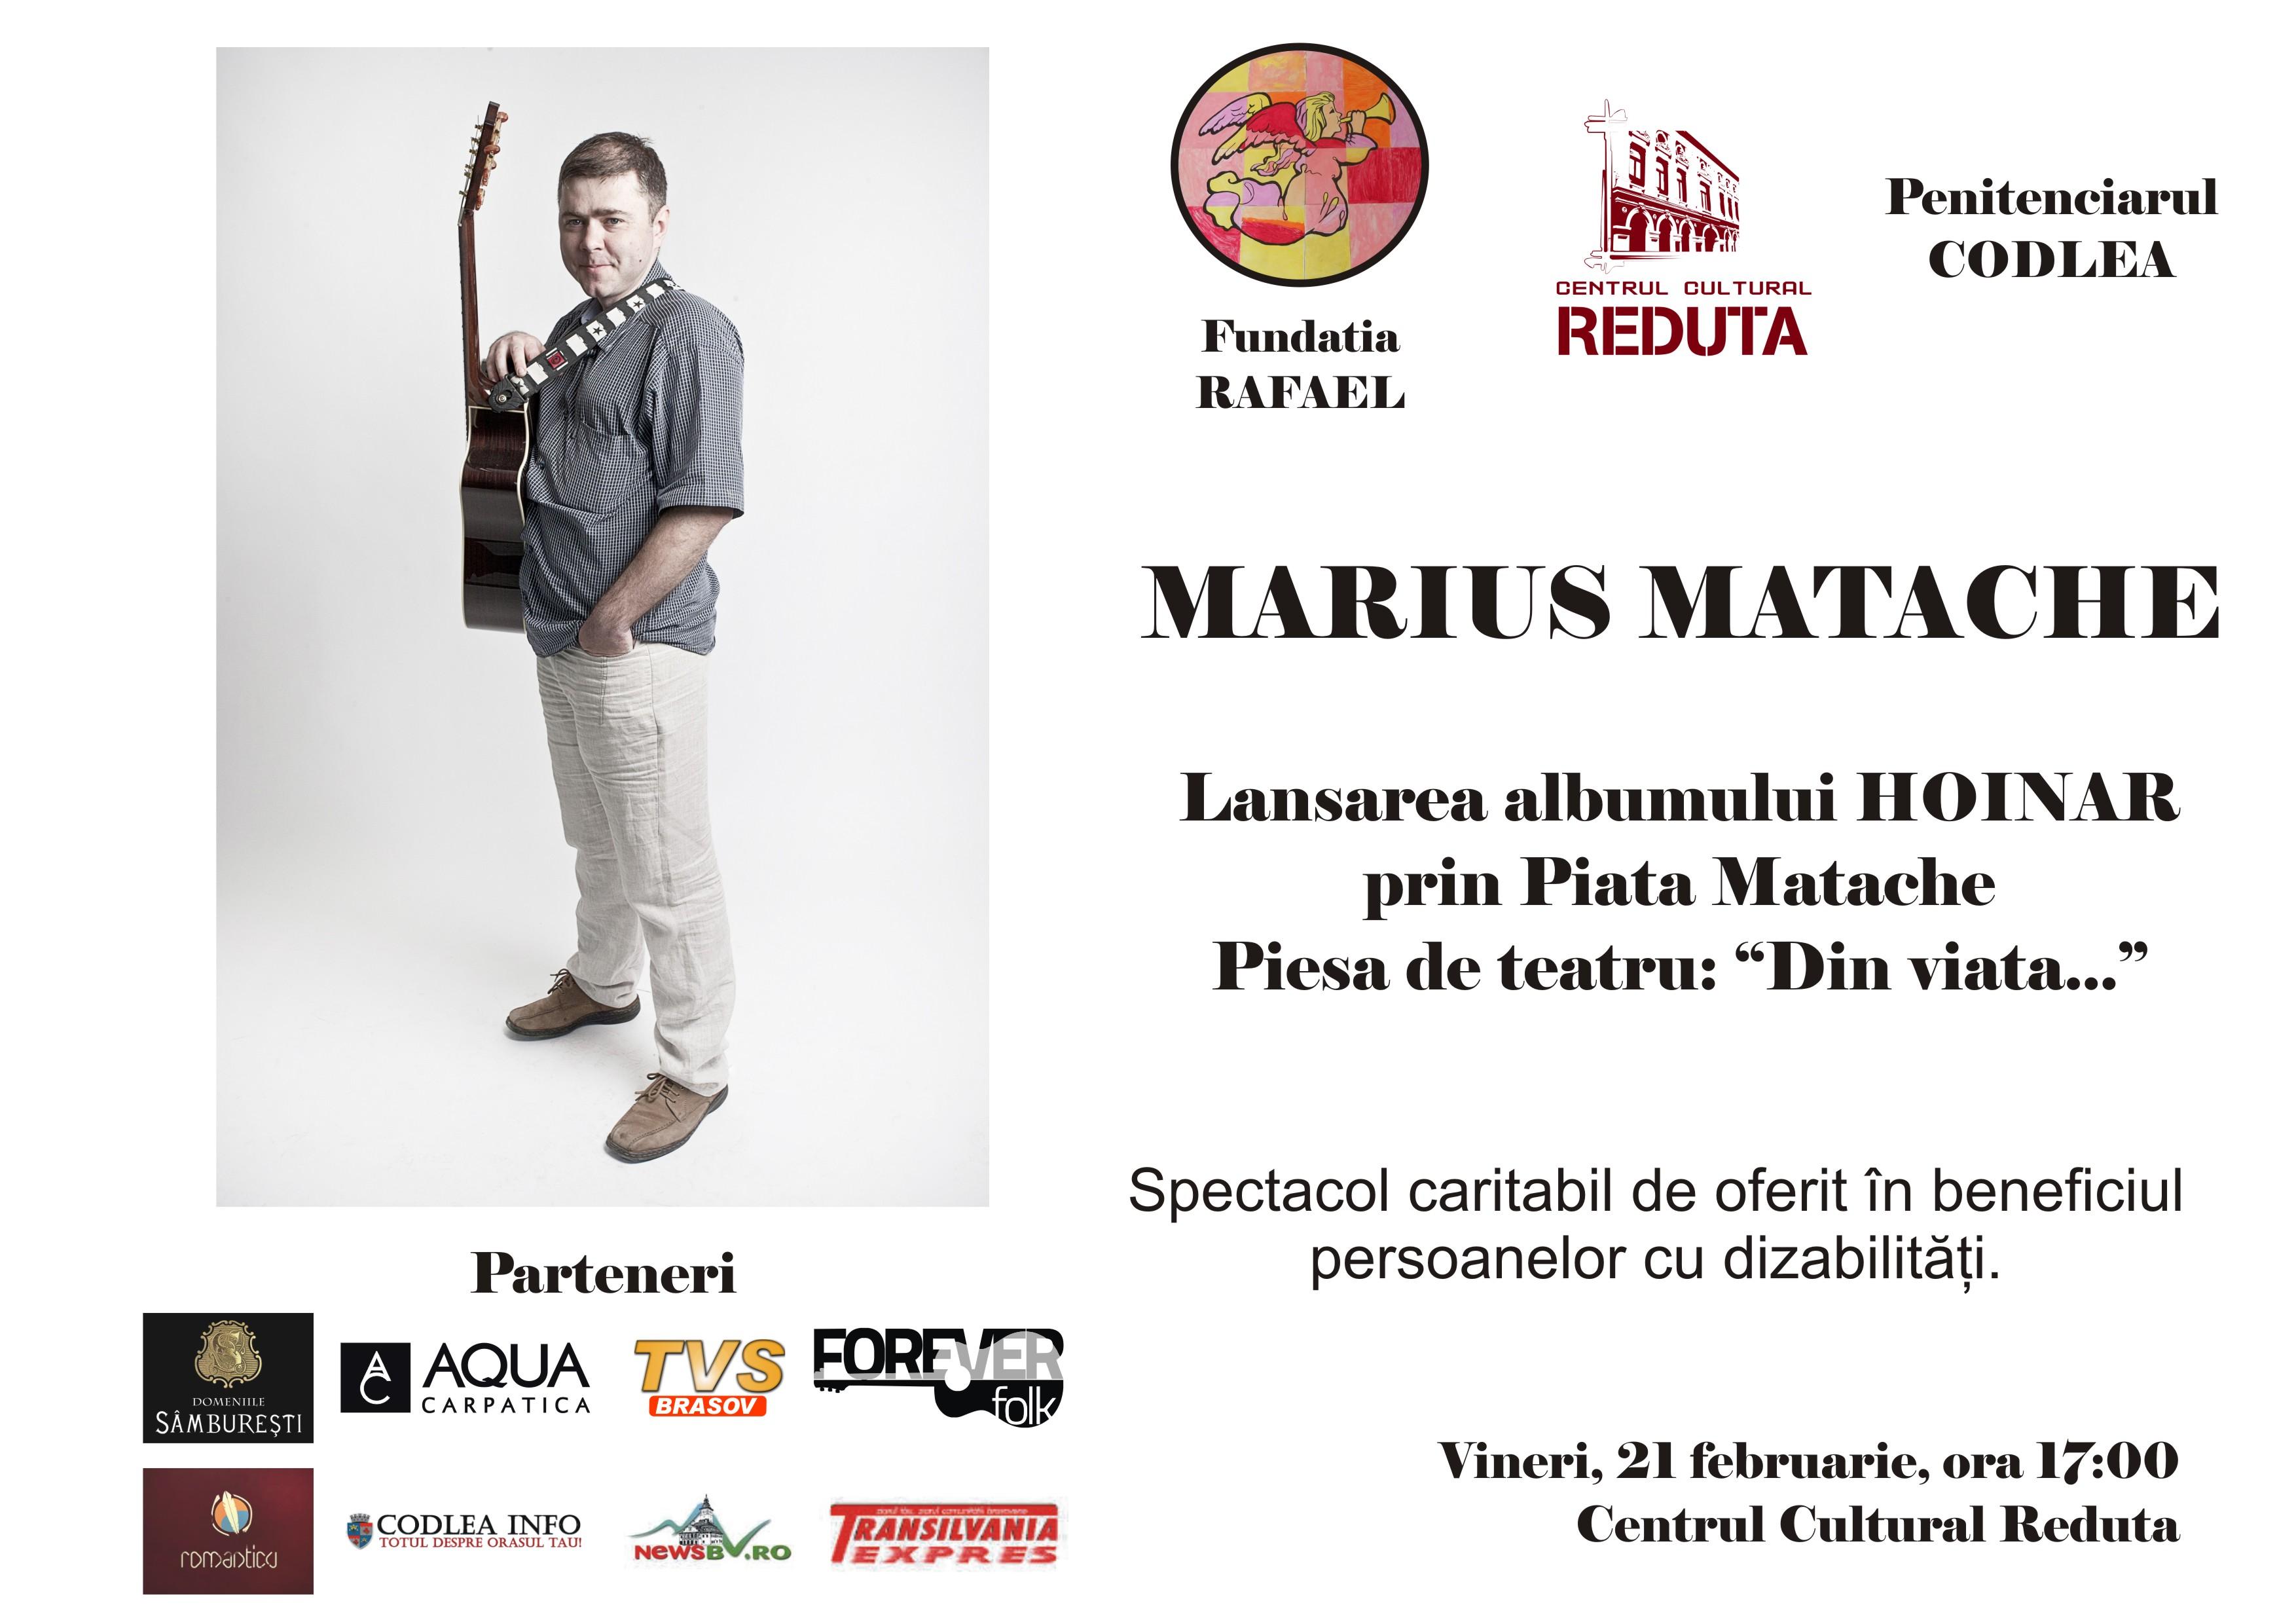 concert-caritabil-brasov-reduta-marius-matache